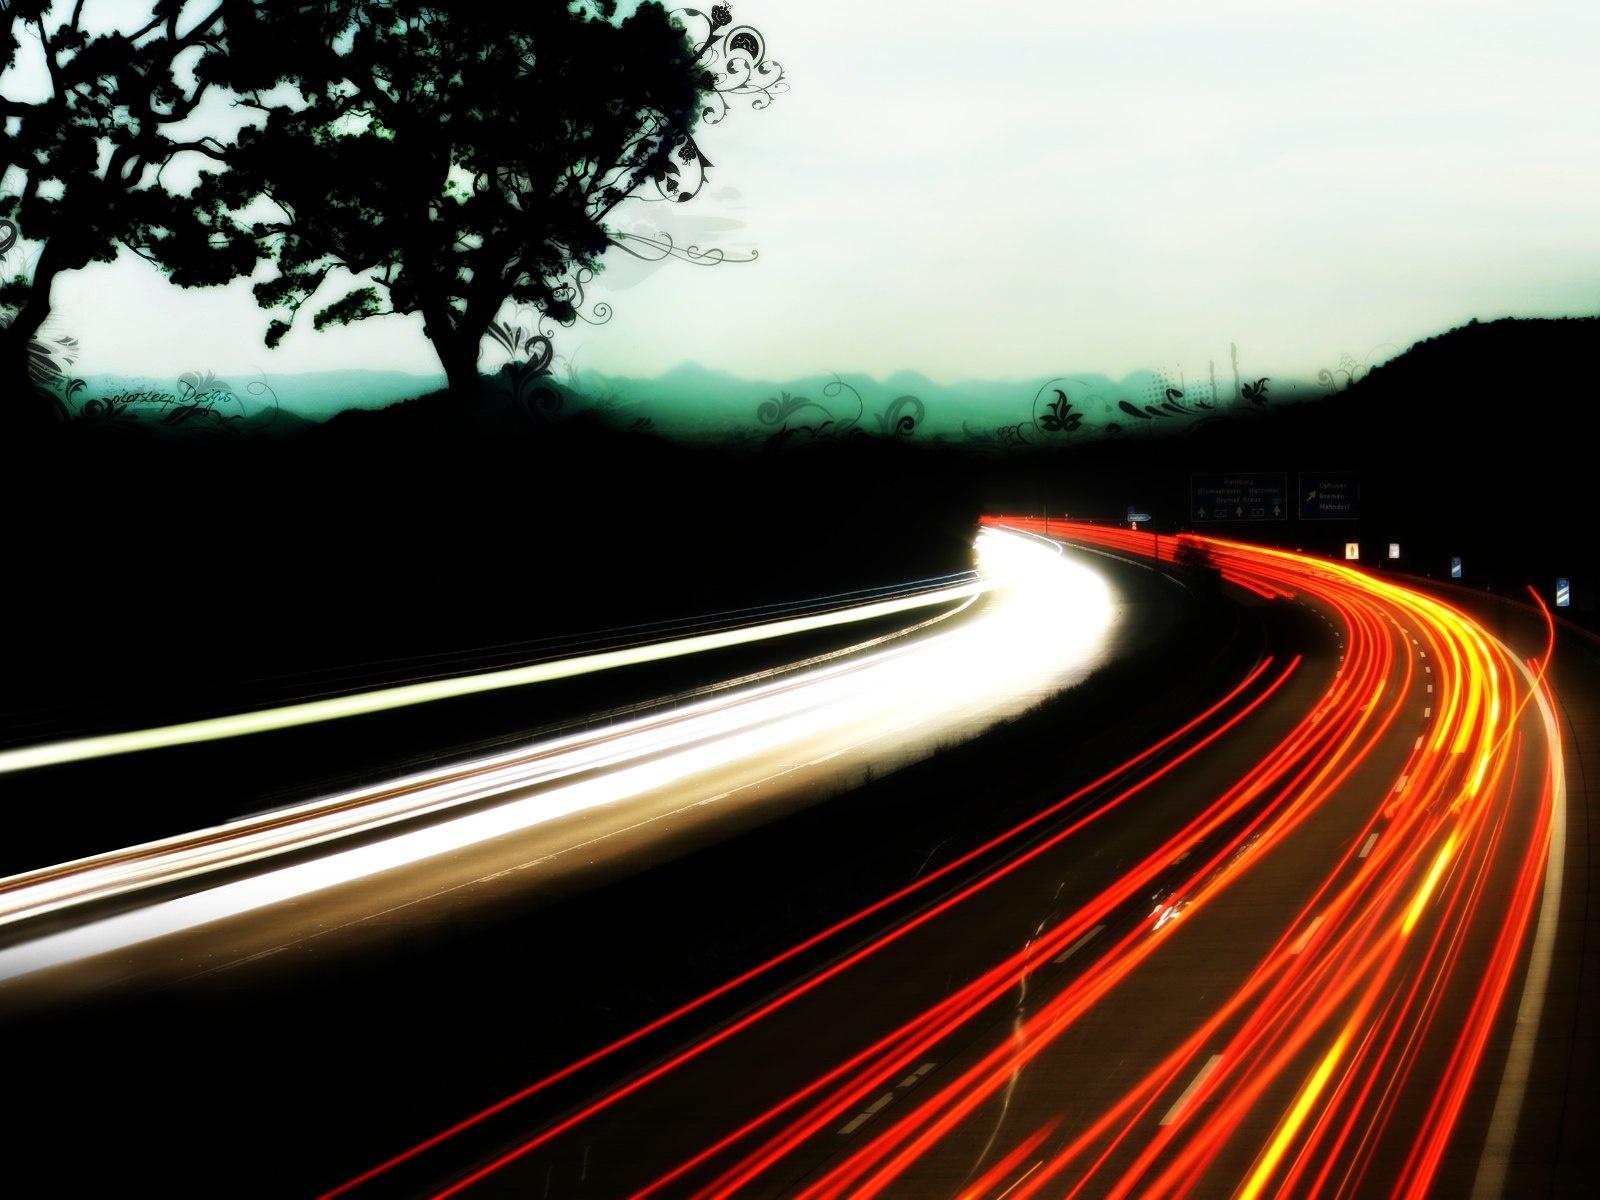 http://2.bp.blogspot.com/-BYUVhTNKmV0/TVk9Uda77kI/AAAAAAAABWs/EFwEJz638EE/s1600/abstract_car_taillights-1600x1200.jpg